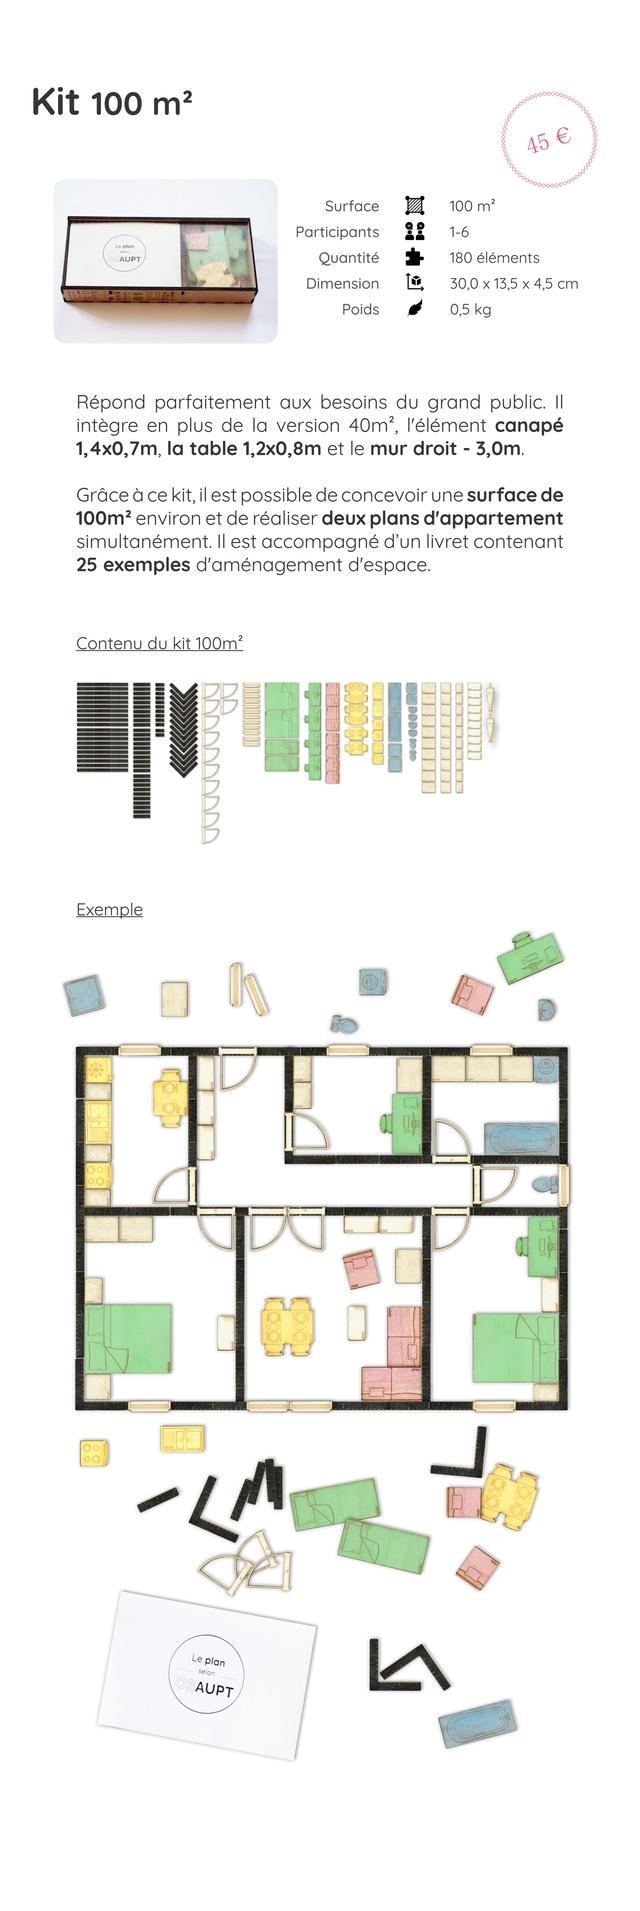 Kit 100 m2 45 Surface 100 m? Participants 1-6 AUPT Quantite 180 elements Dimension 30,0 X 13,5 X 4,5 cm Poids 0,5 kg Repond parfaitement besoins du grand public. II integre en plus de la version 40m?, I'element canape 1,4x0,7m la table 1,2x0,8m et le mur droit - 3,0m. Grace a e kit il est possible de concevoir une surface de 100m2 environ et de realiser deux plans d'appartement simultanement. II est accompagne d'un livret contenant 25 exemples d'amenagement d'espace. Contenu du kit 100m? Exemple plan AUPT